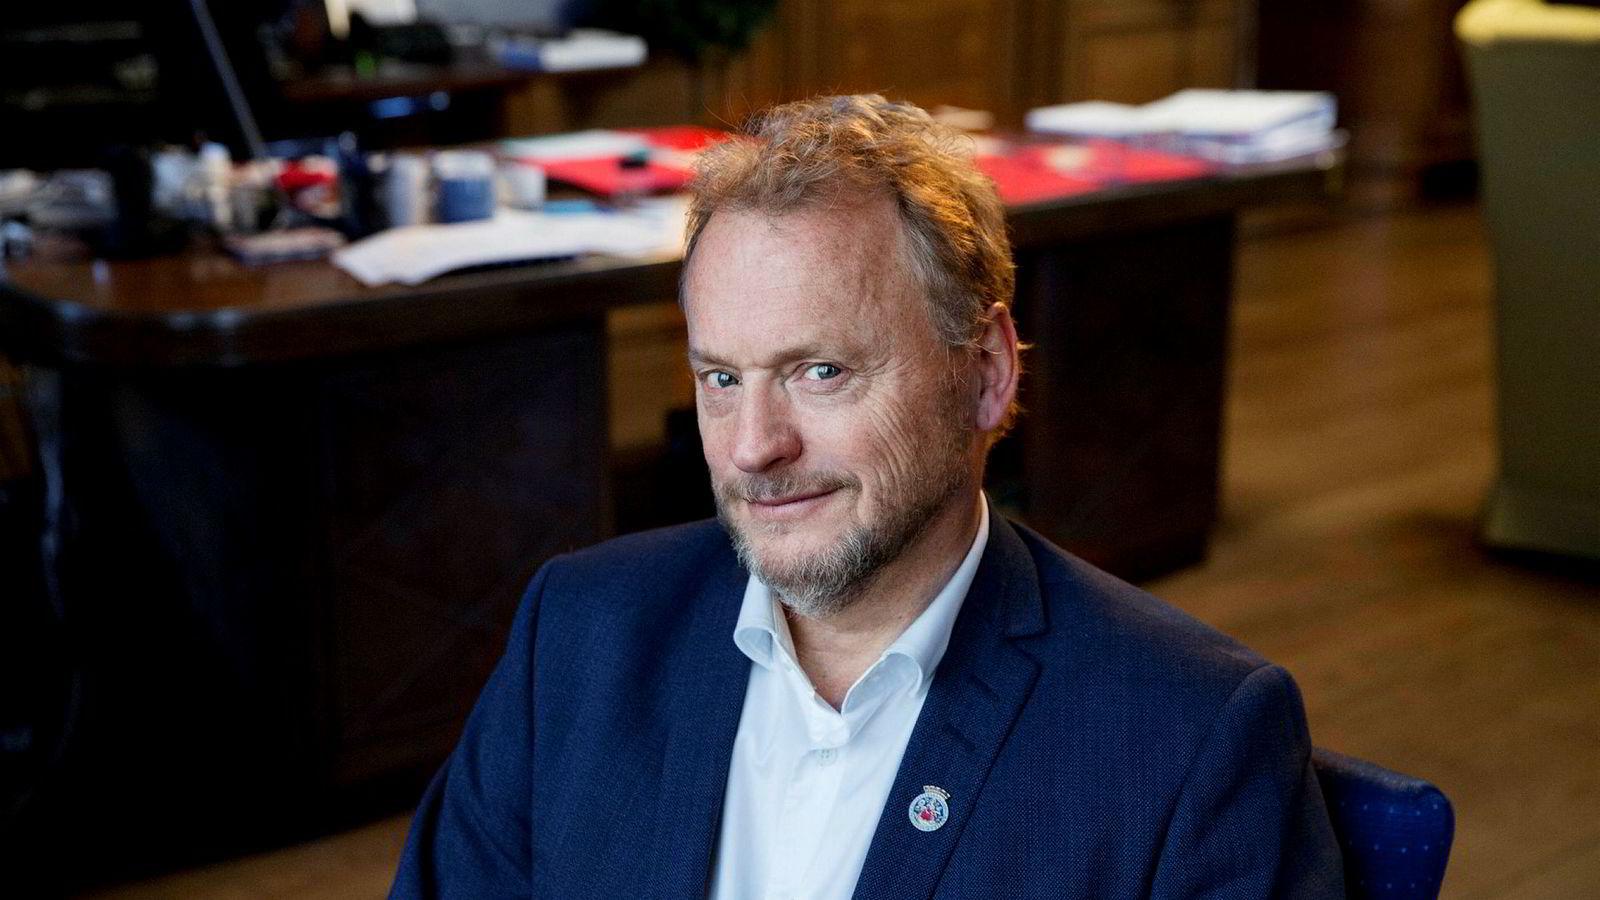 Byrådsleder Raymond Johansen (Ap) tar nå et oppgjør med måten Ivar Tollefsen i en årrekke har operert i eiendomsmarkedet.